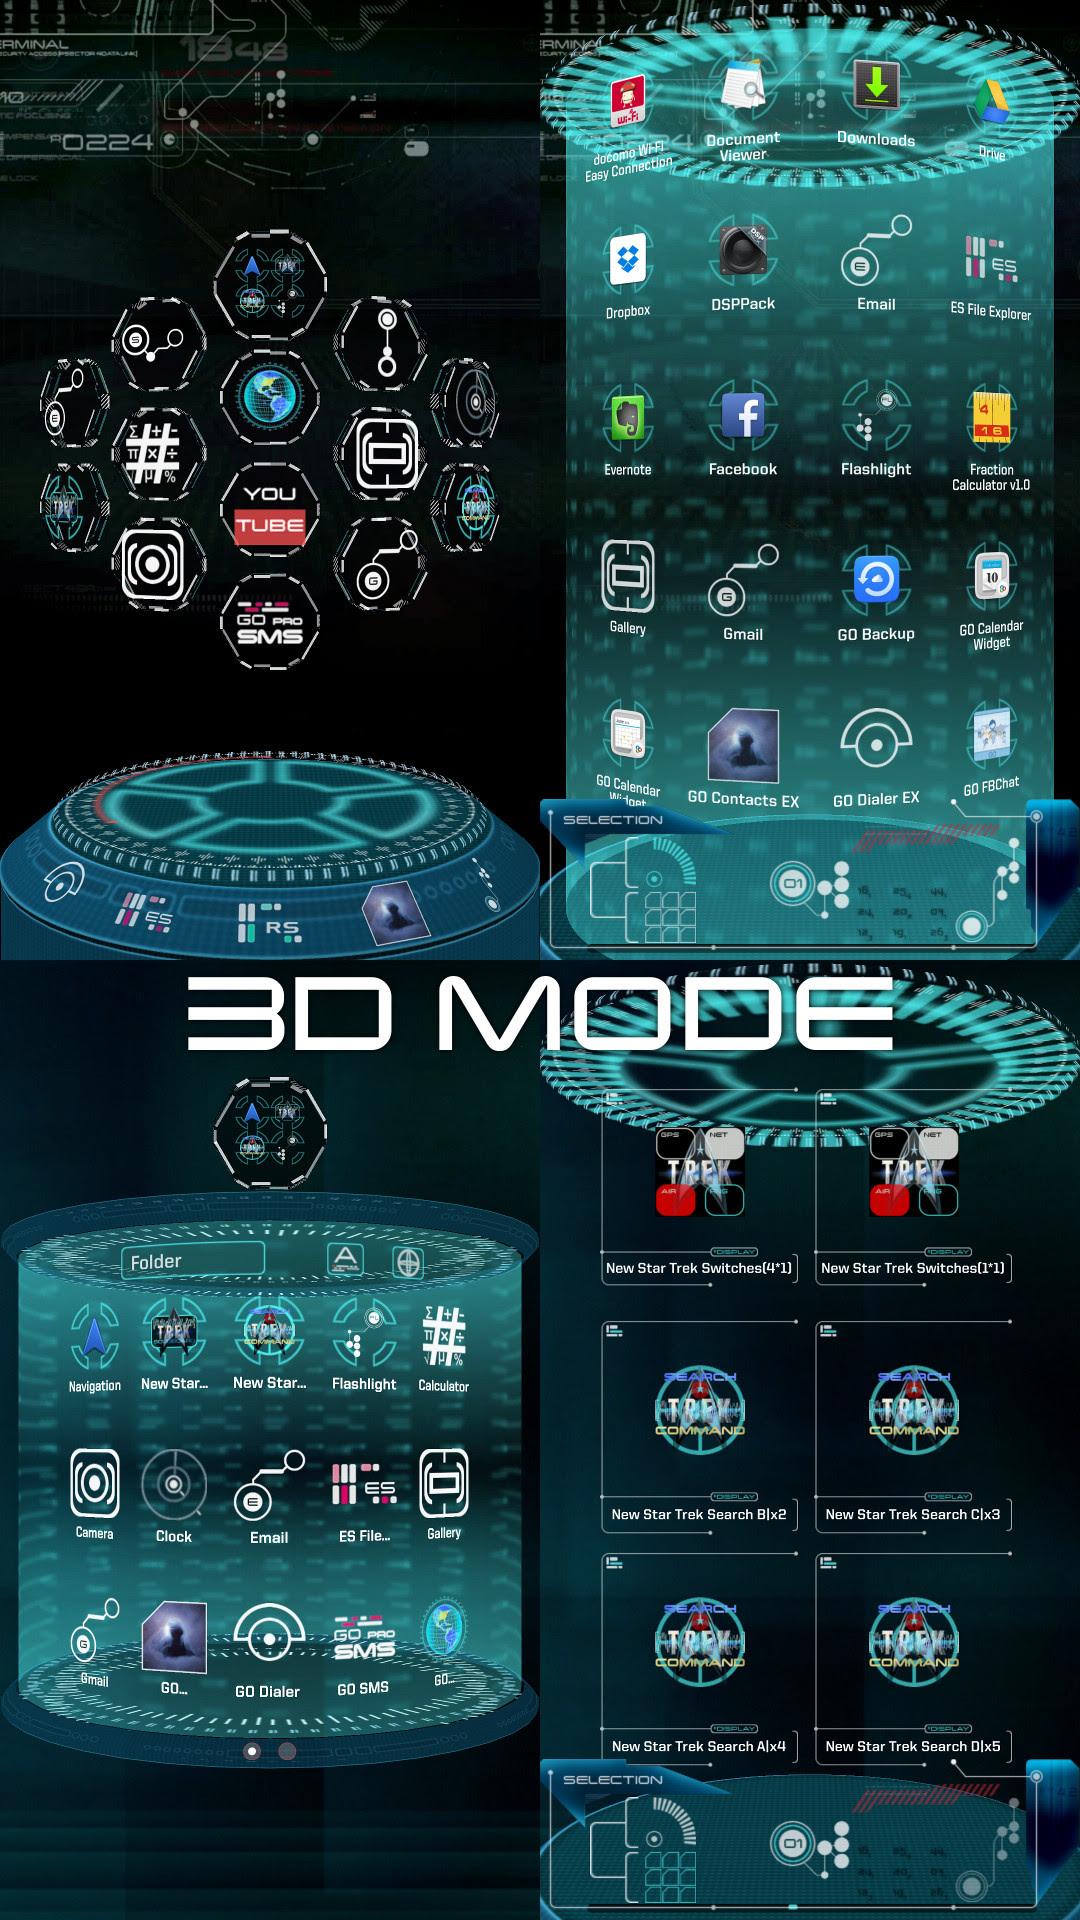 Star Trek Iphone 6 Wallpaper 73 Images